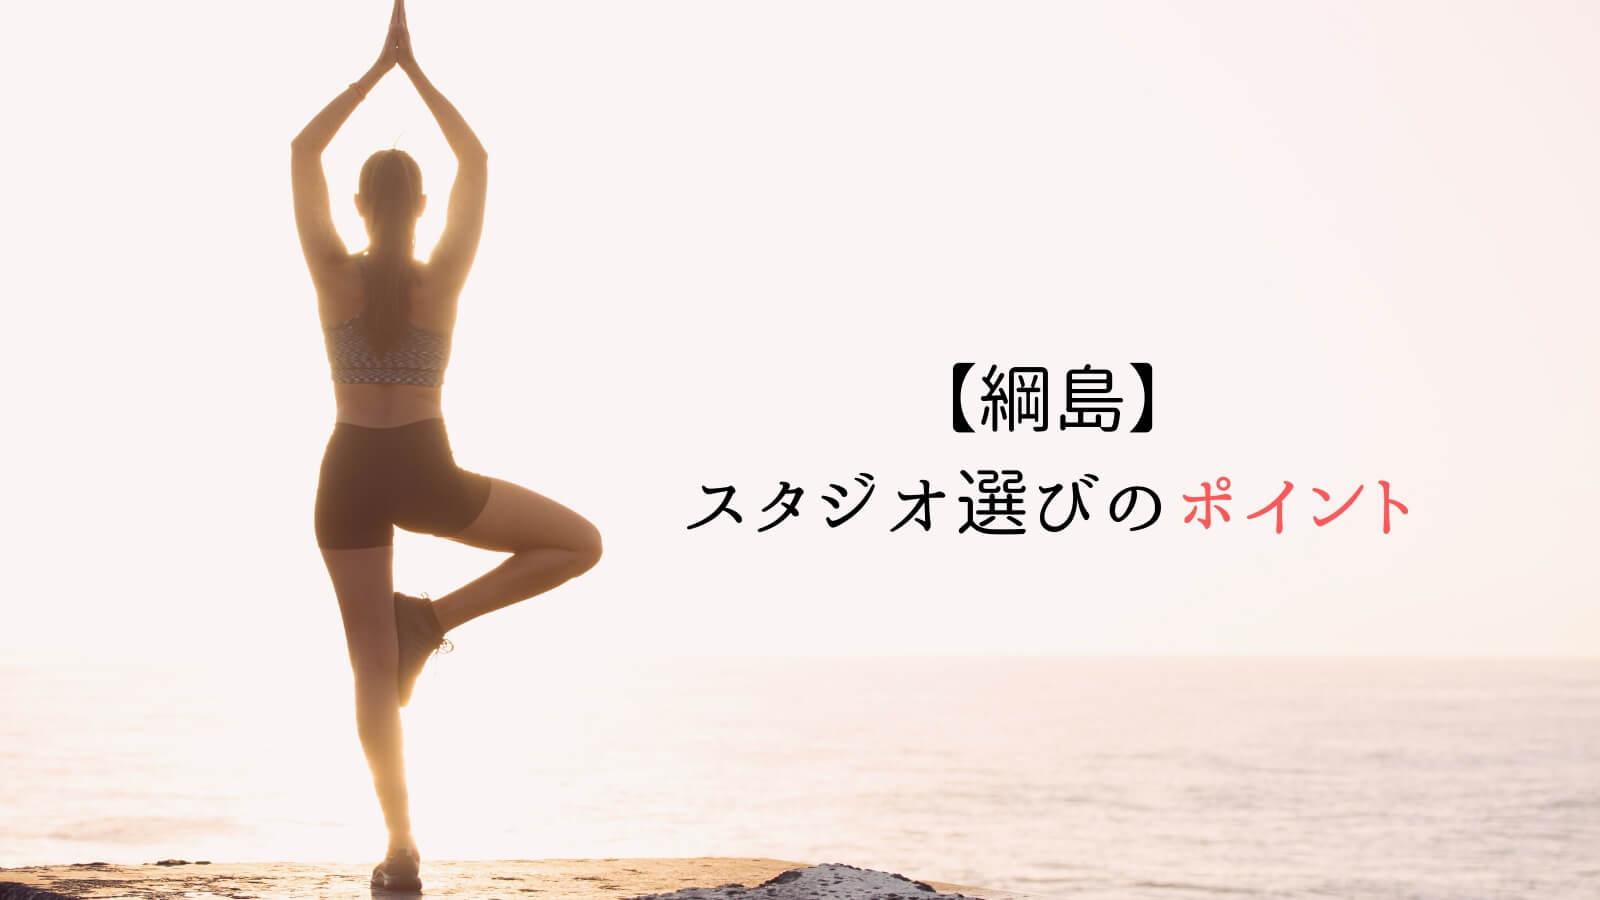 綱島のヨガ・ピラティススタジオ選びのポイント